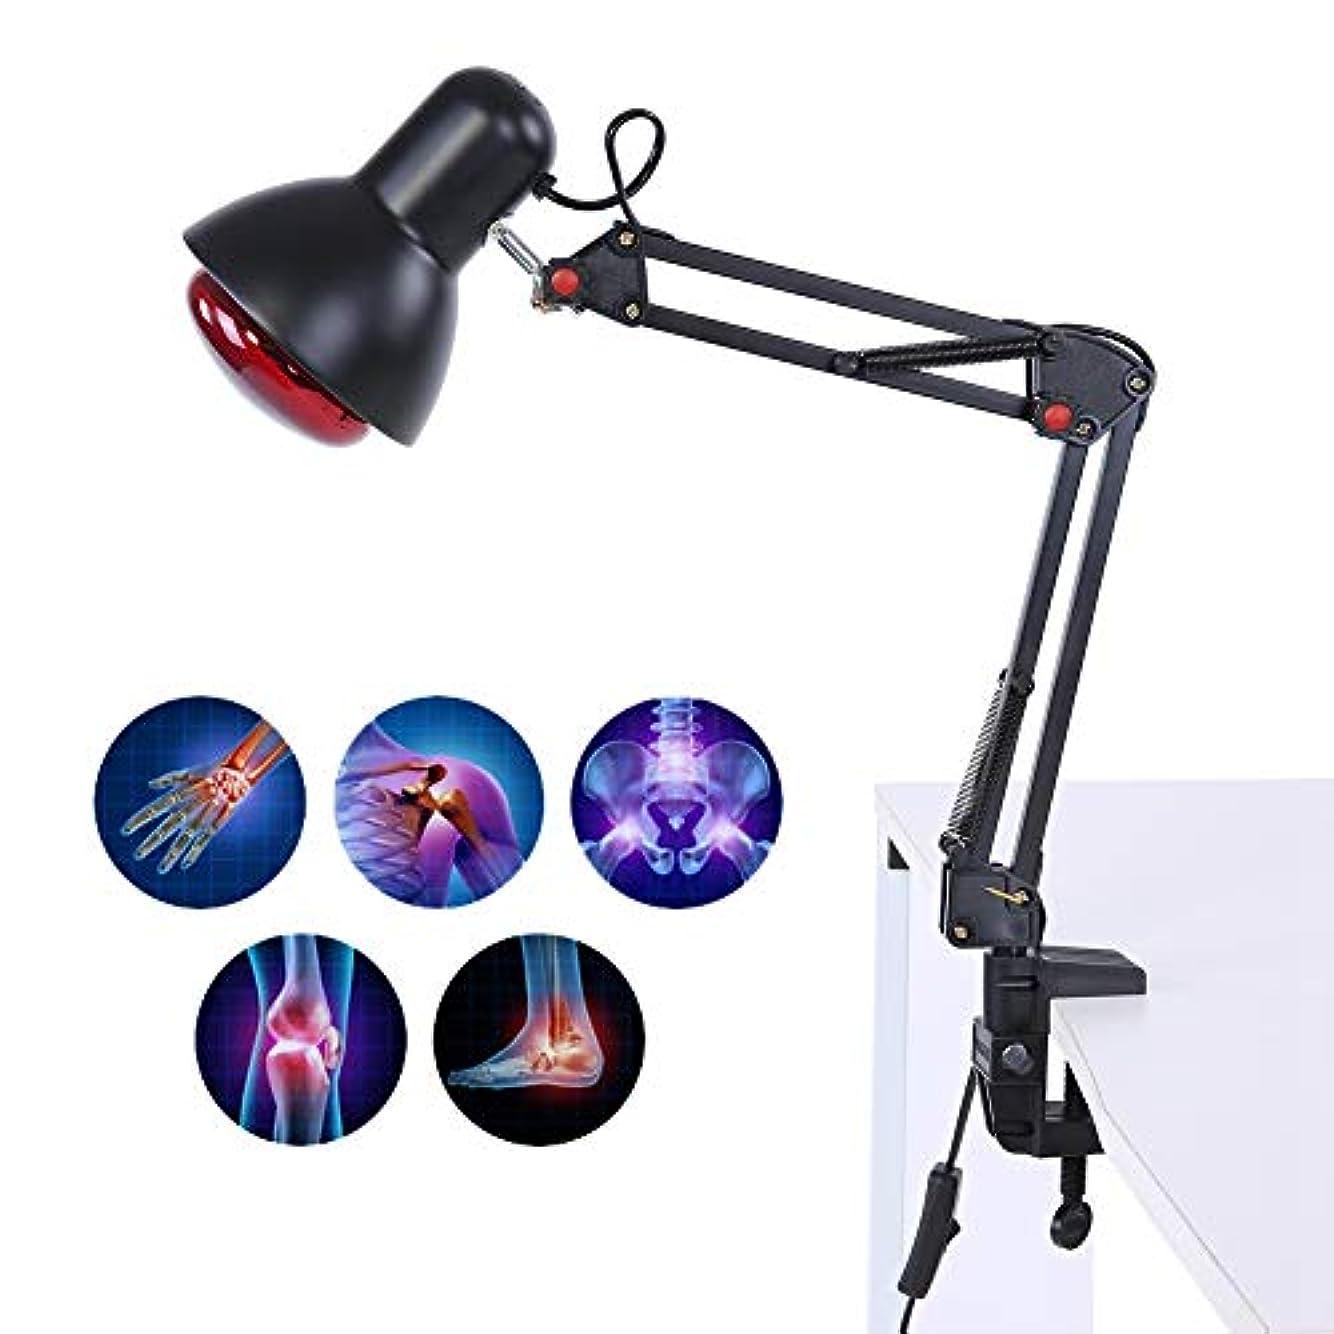 ラウズ側溝マッシュ赤外線ヒートマッサージランプ、関節の背中の筋肉痛の軽減のためのローリングホイール/クランプ付き調節可能な温度加熱ライトマッサージ(US-PLUG)